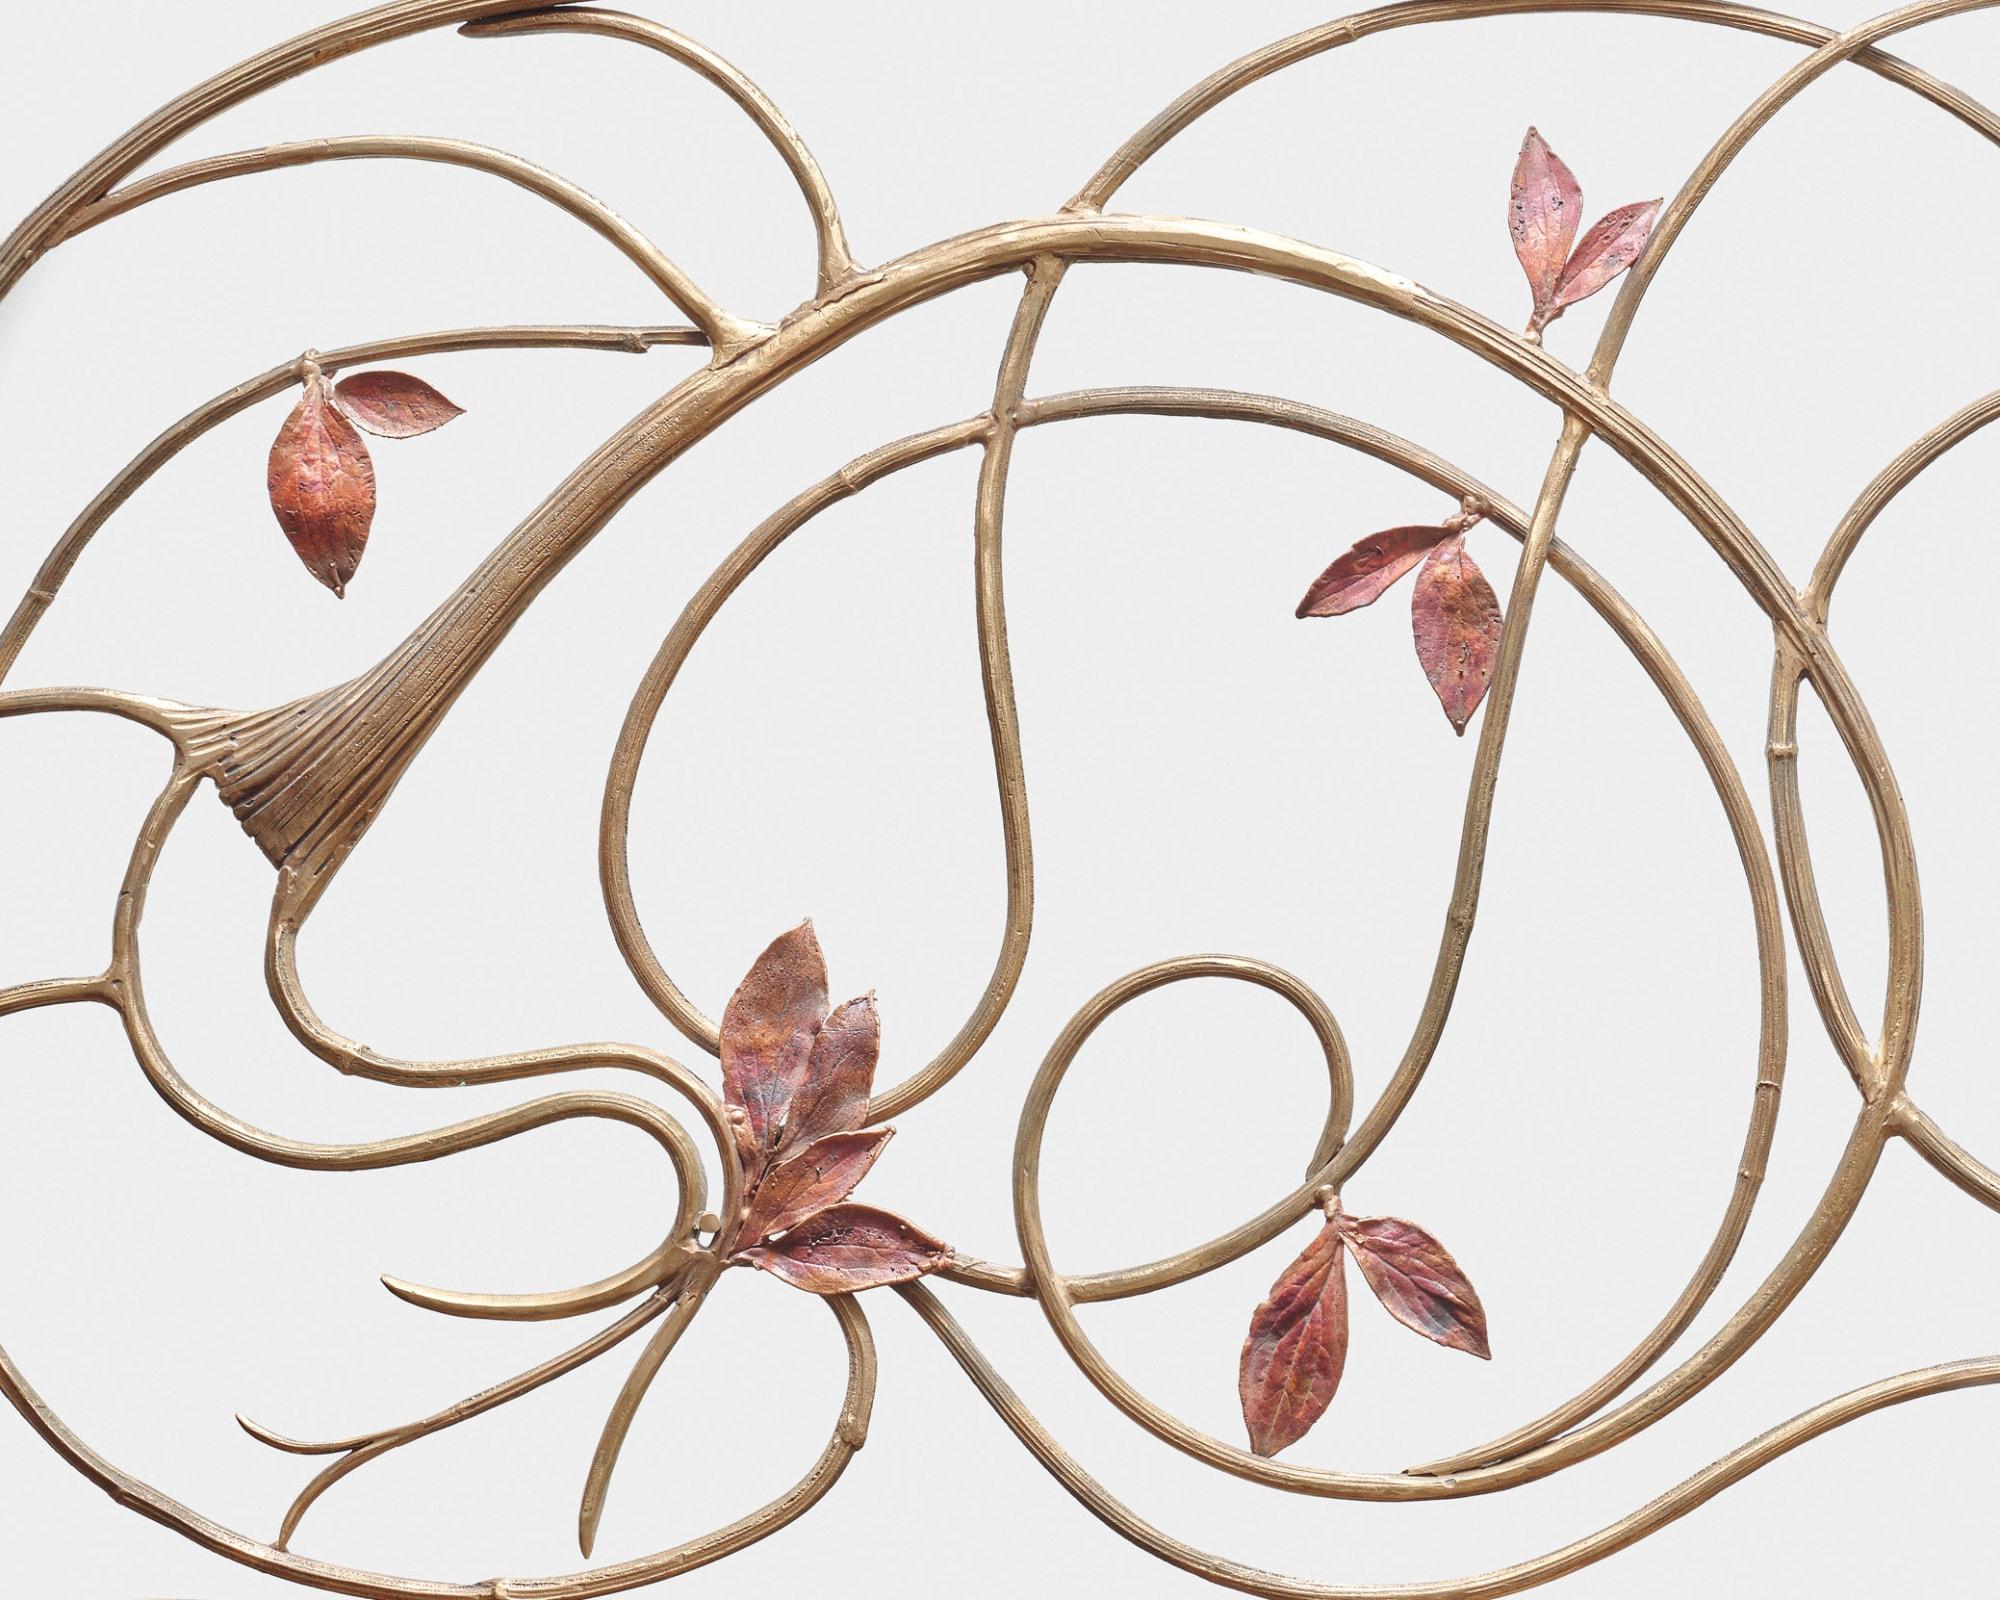 Design future auctions